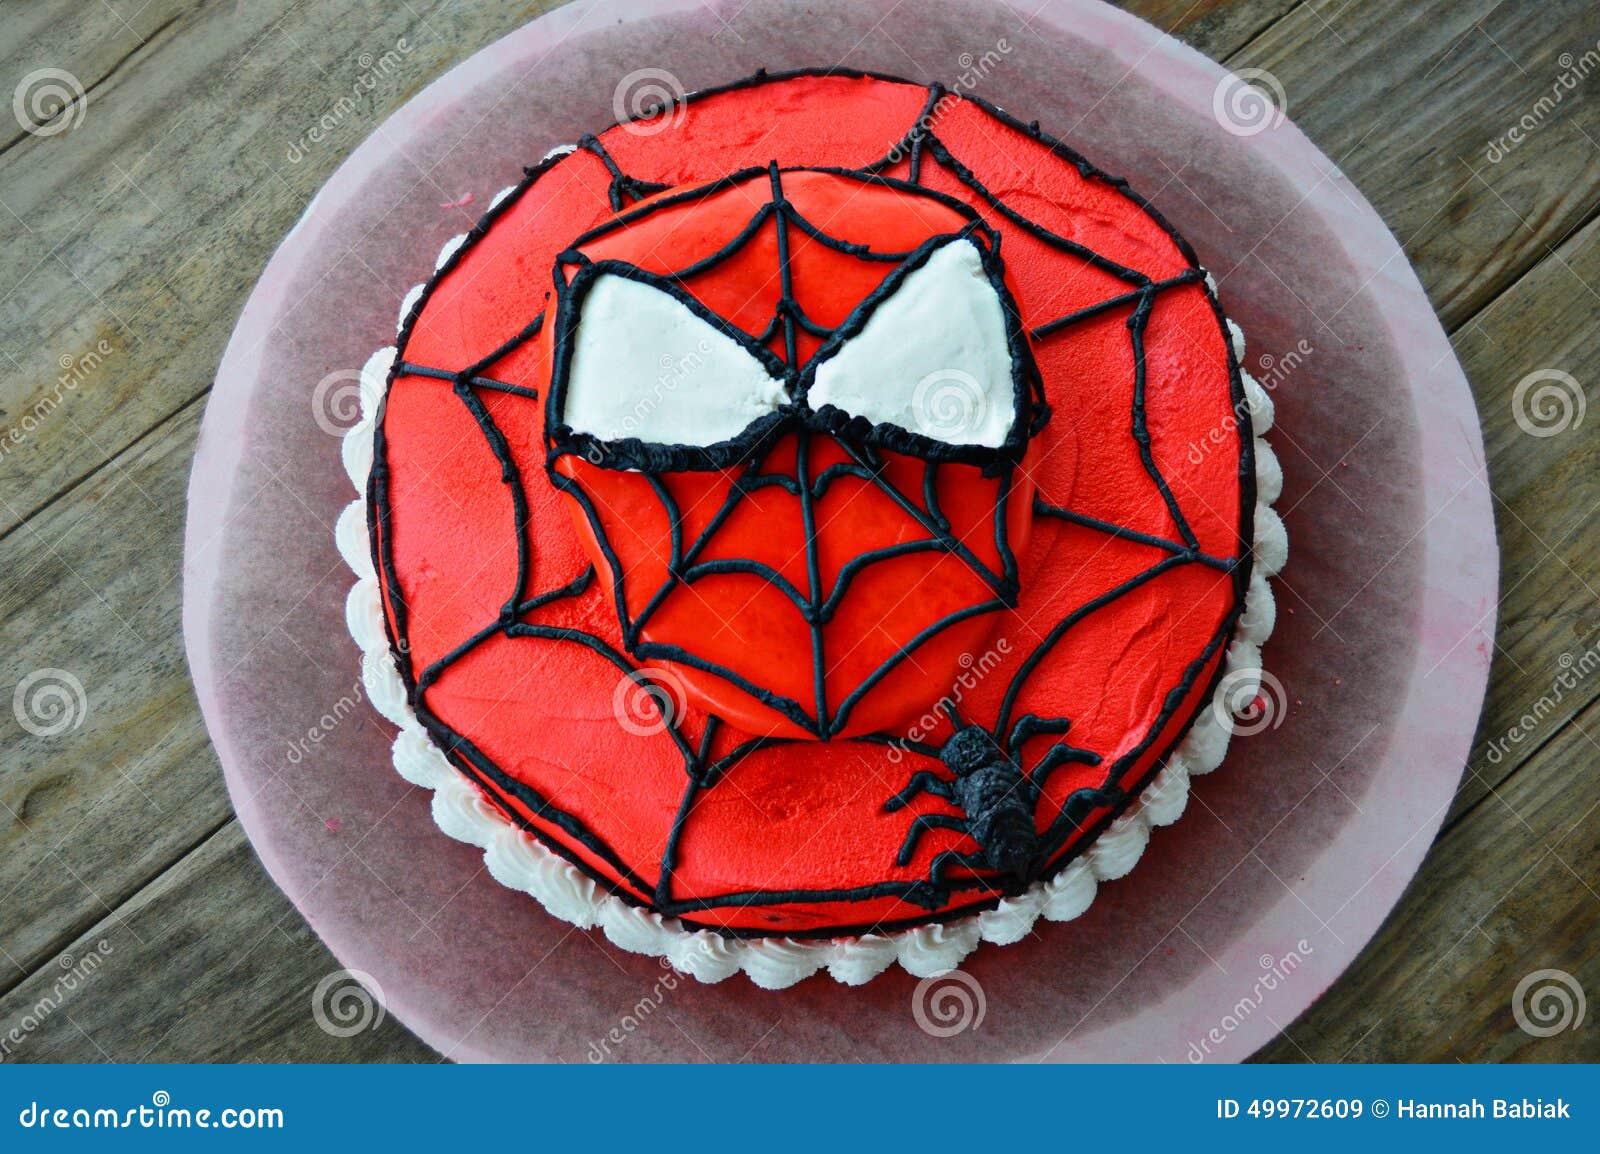 Erstaunlicher Spiderman Verzierter Kuchen Redaktionelles Stockbild